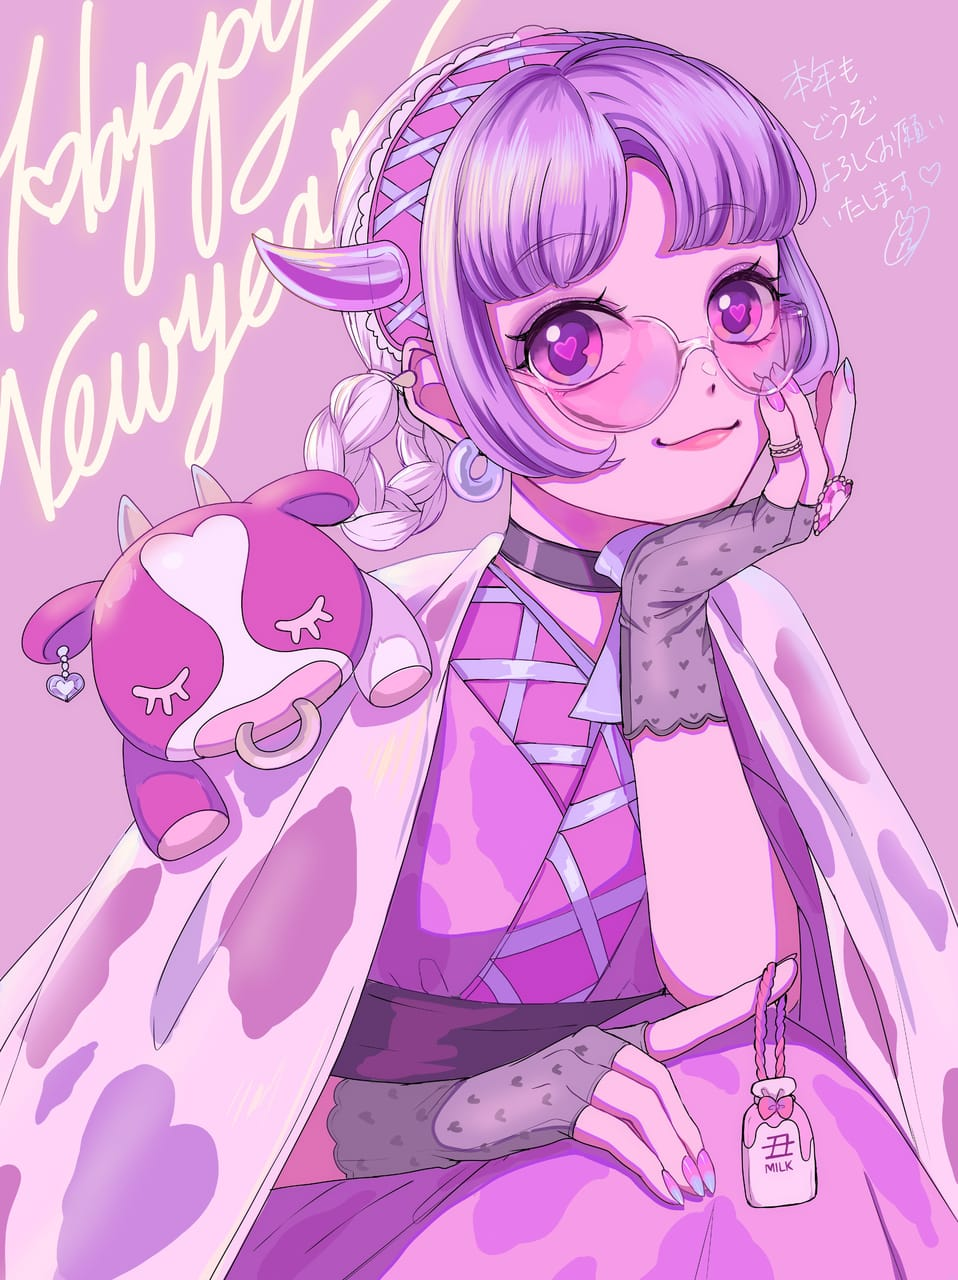 ♡2021♡ Illust of しずか pink girl newyear ゆめかわいい illustration 謹賀新年